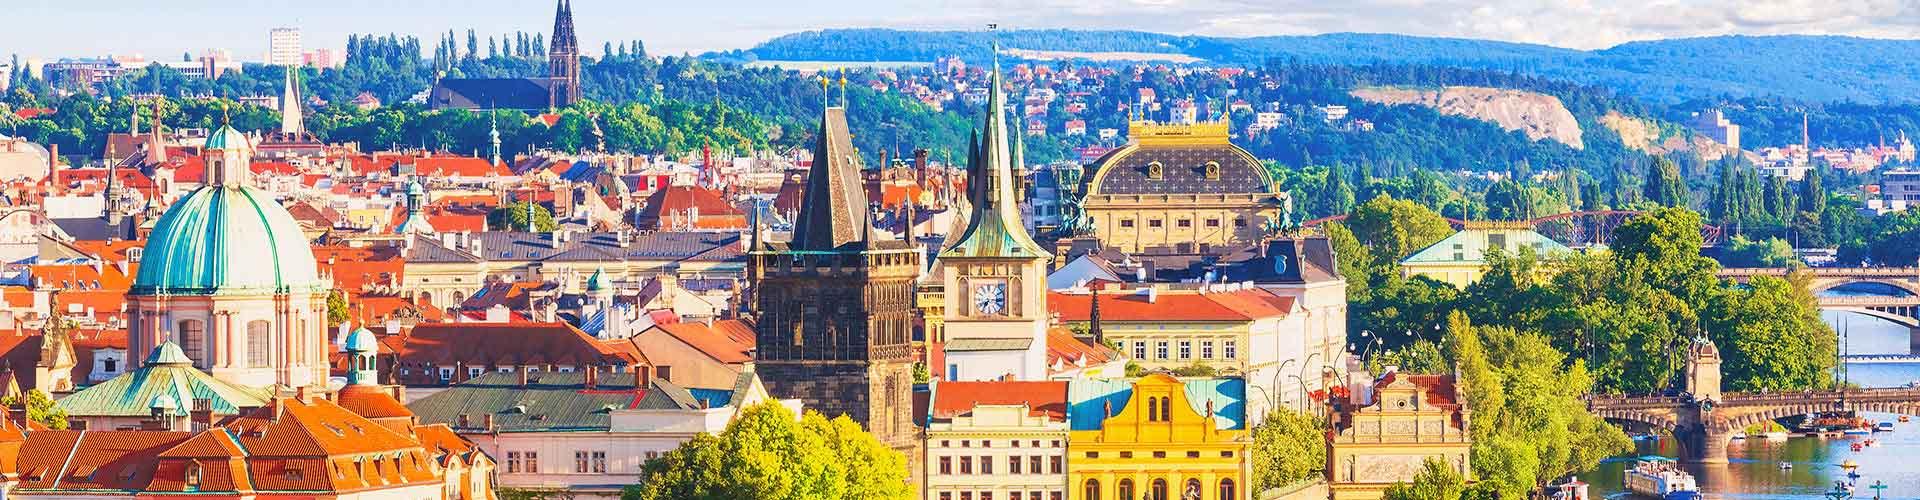 Praga - Hostele w mieście: Praga, Mapy: Praga, Zdjęcia i Recenzje dla każdego hostelu w mieście Praga.